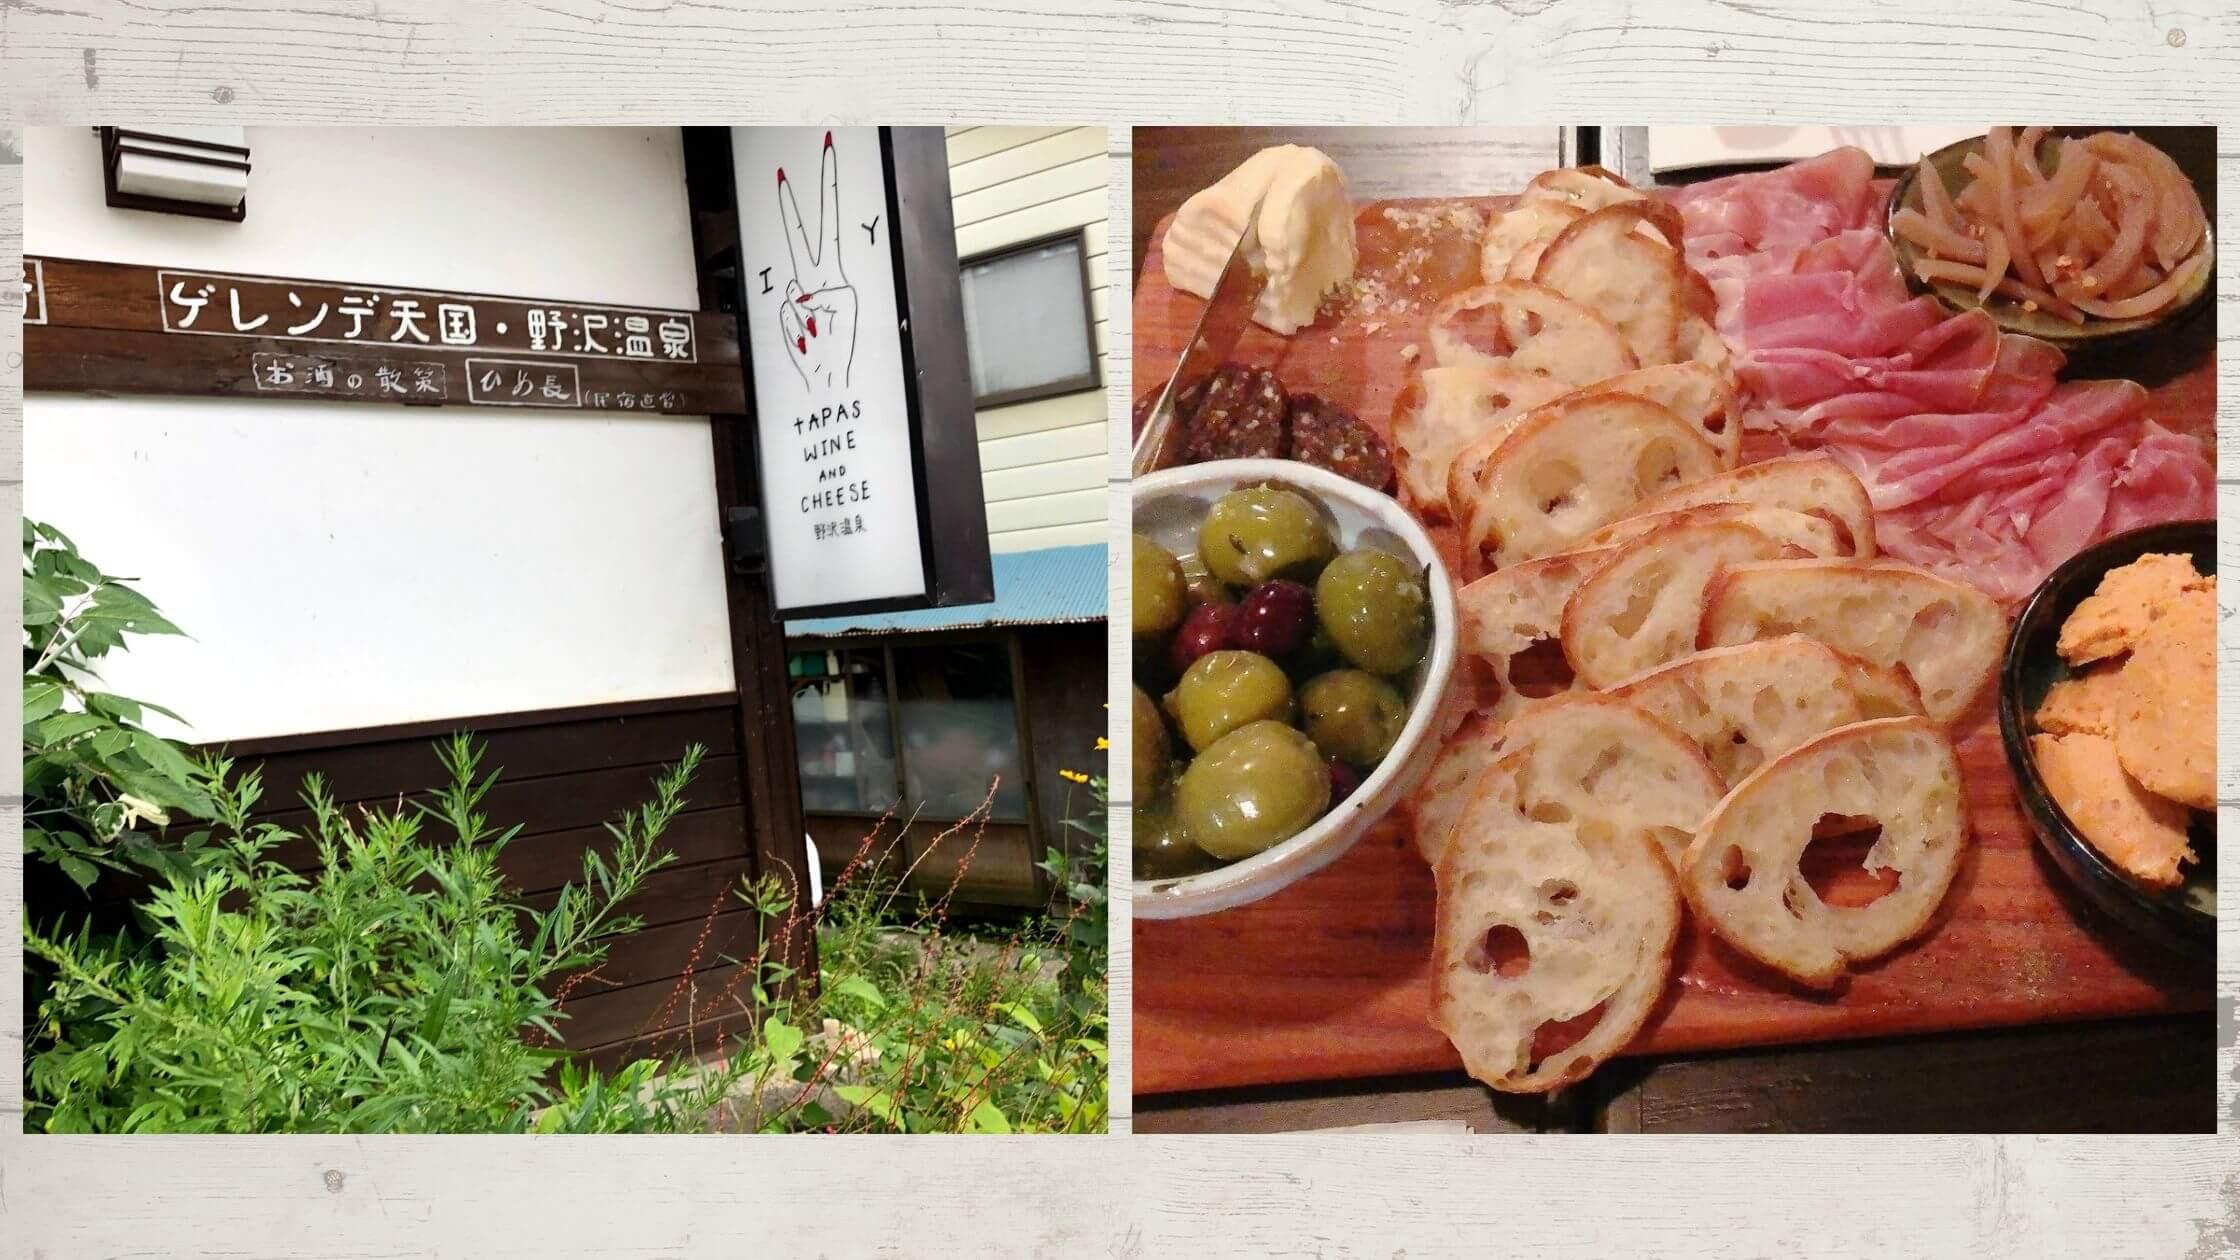 野沢温泉村 IVY Tapas Wine & Cheese